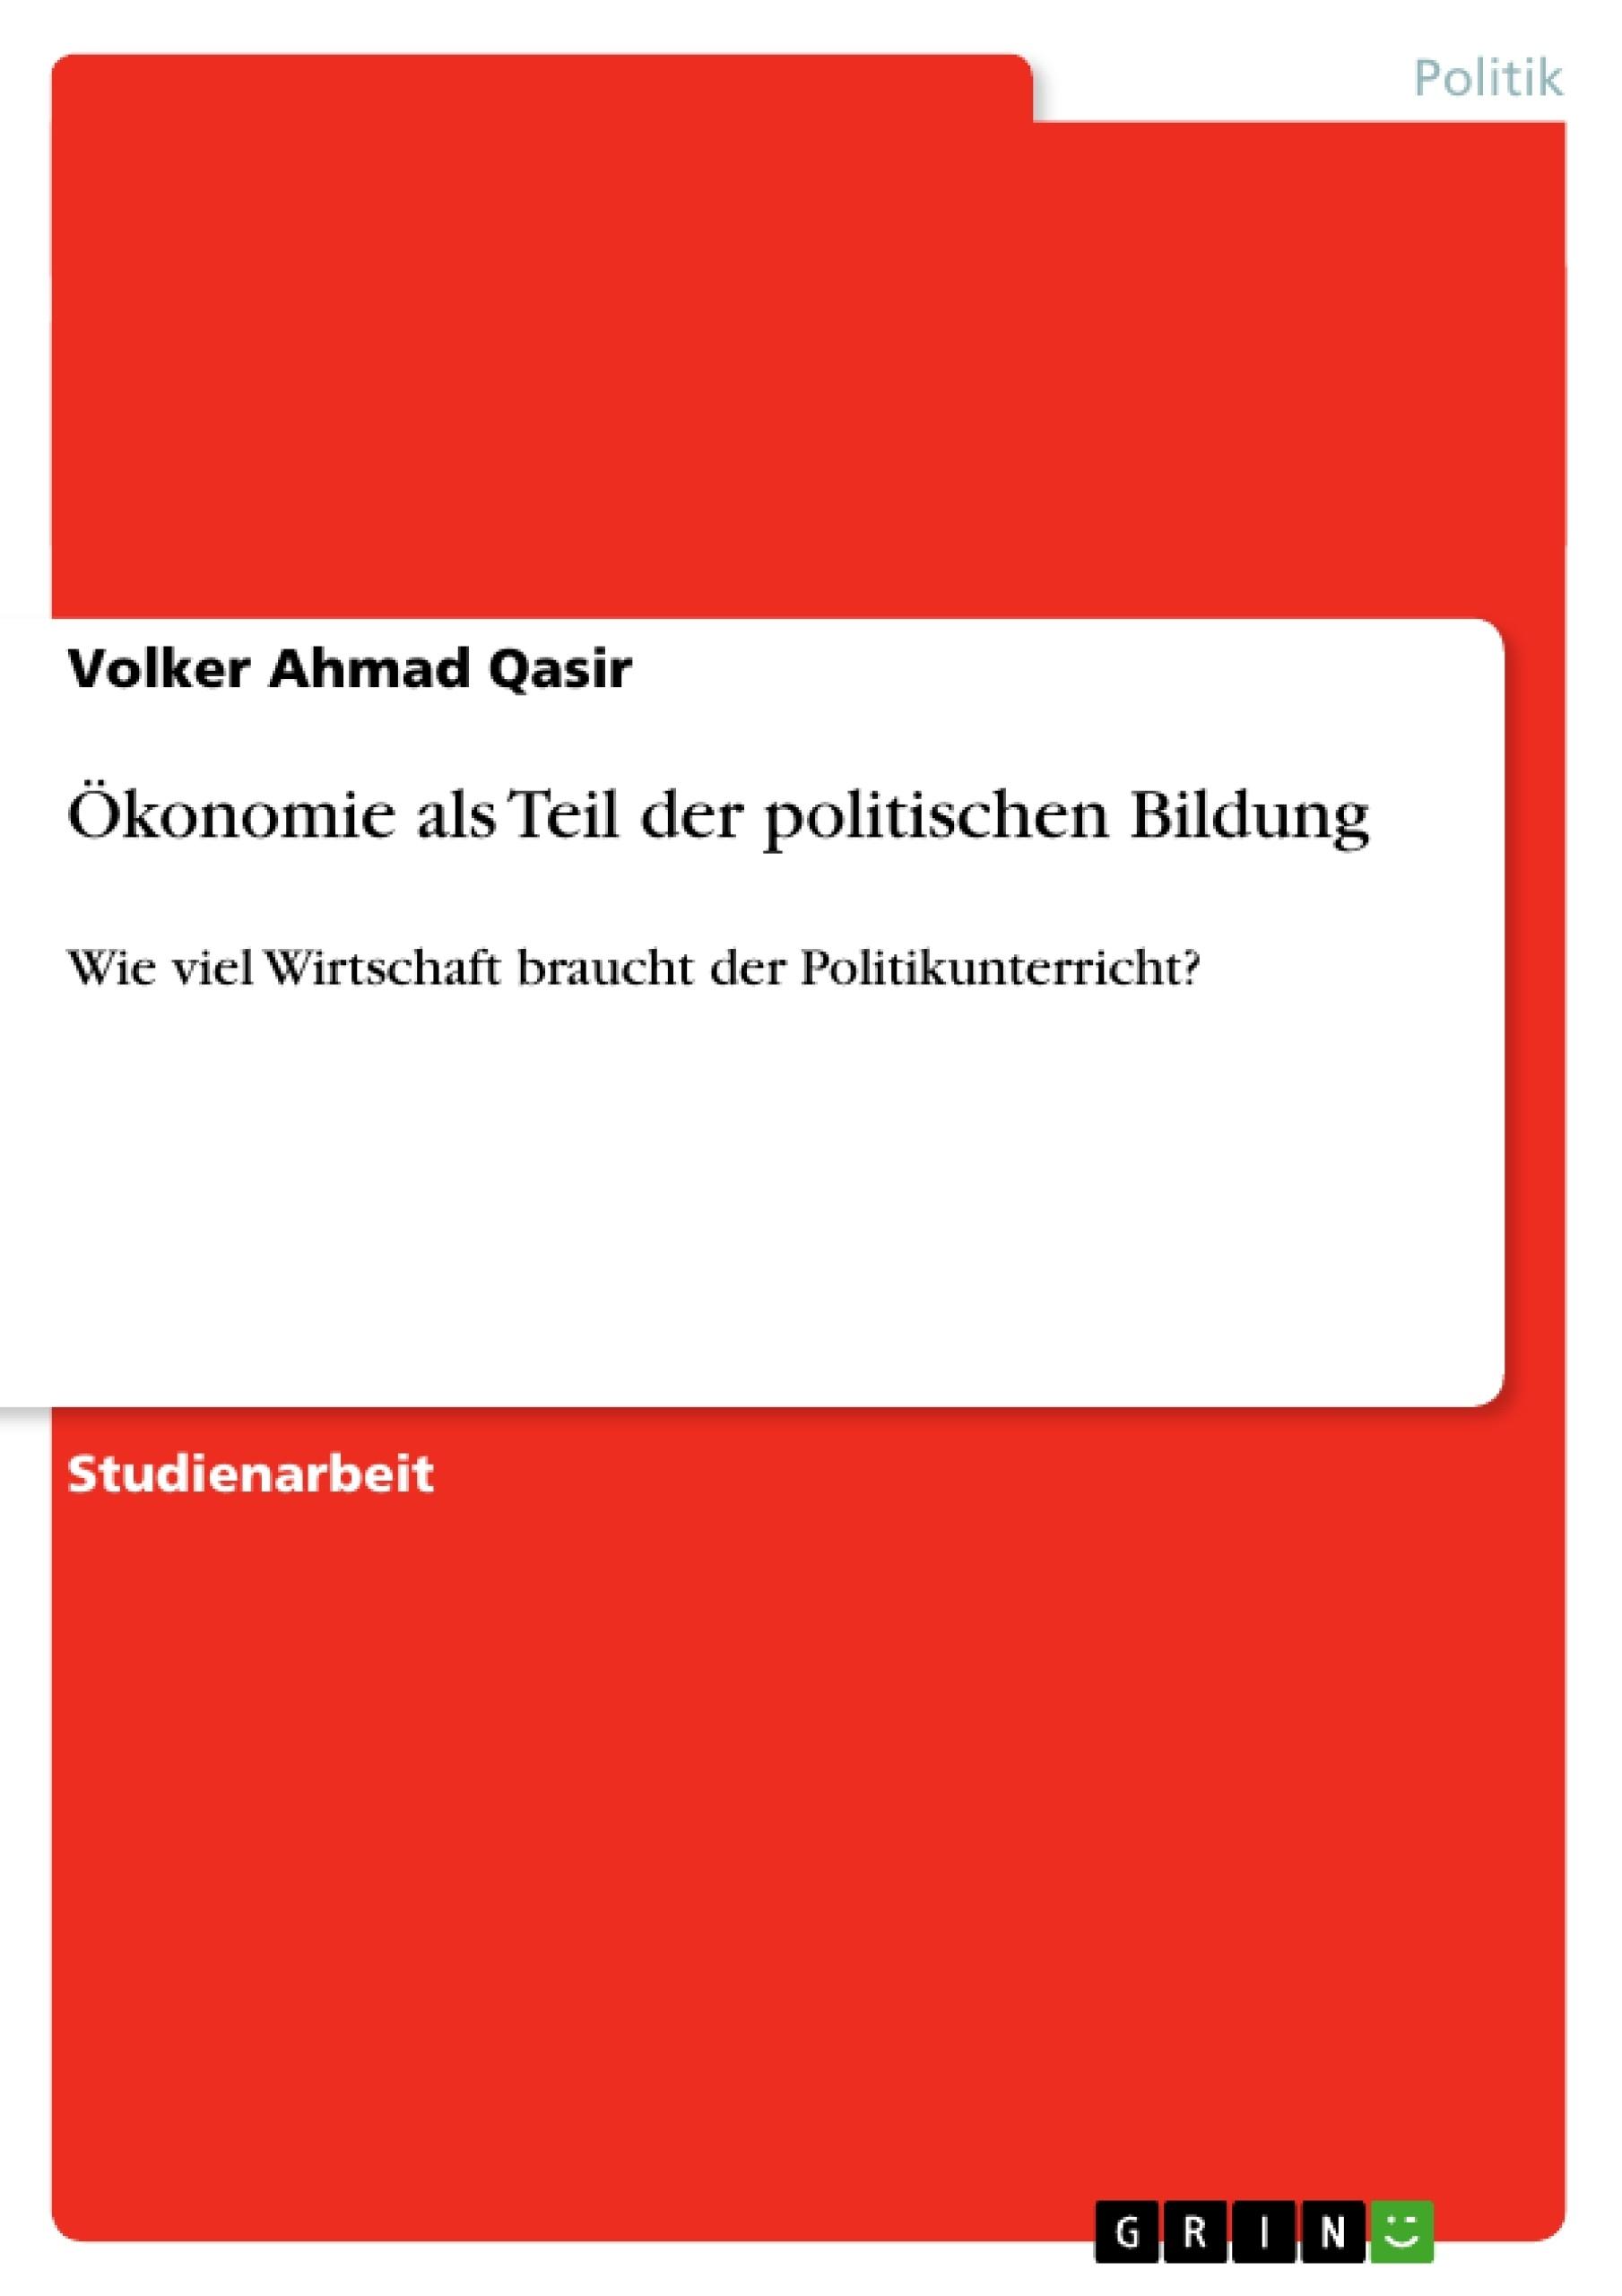 Titel: Ökonomie als Teil der politischen Bildung